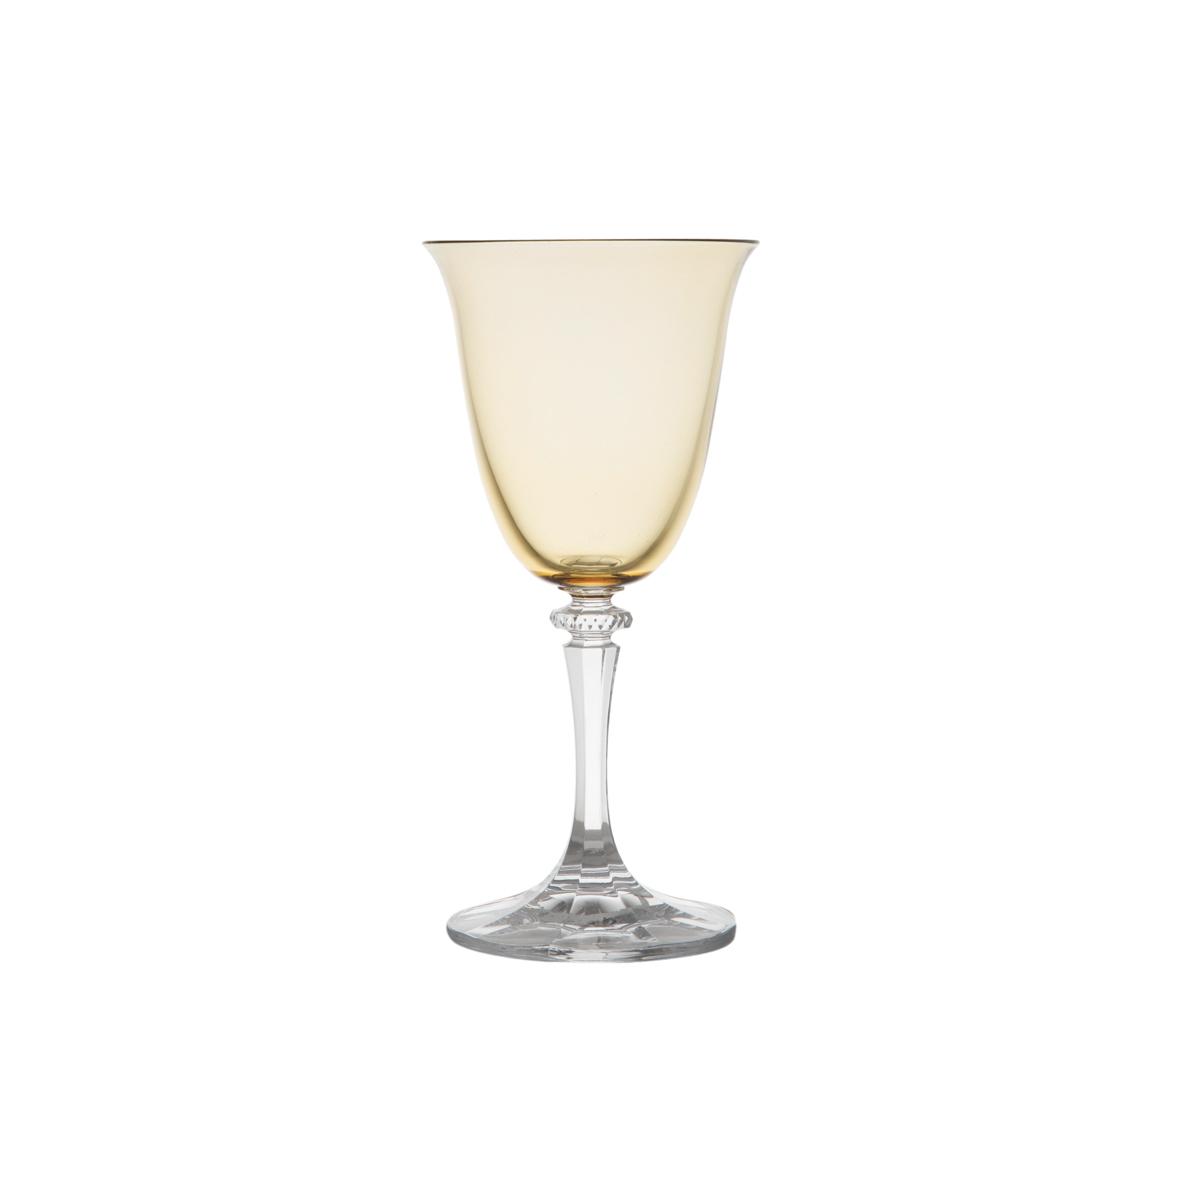 Jogo de 6 Taças para Vinho Branco em Cristal Bohemia Kleopatra/Branta Ambar 250ml